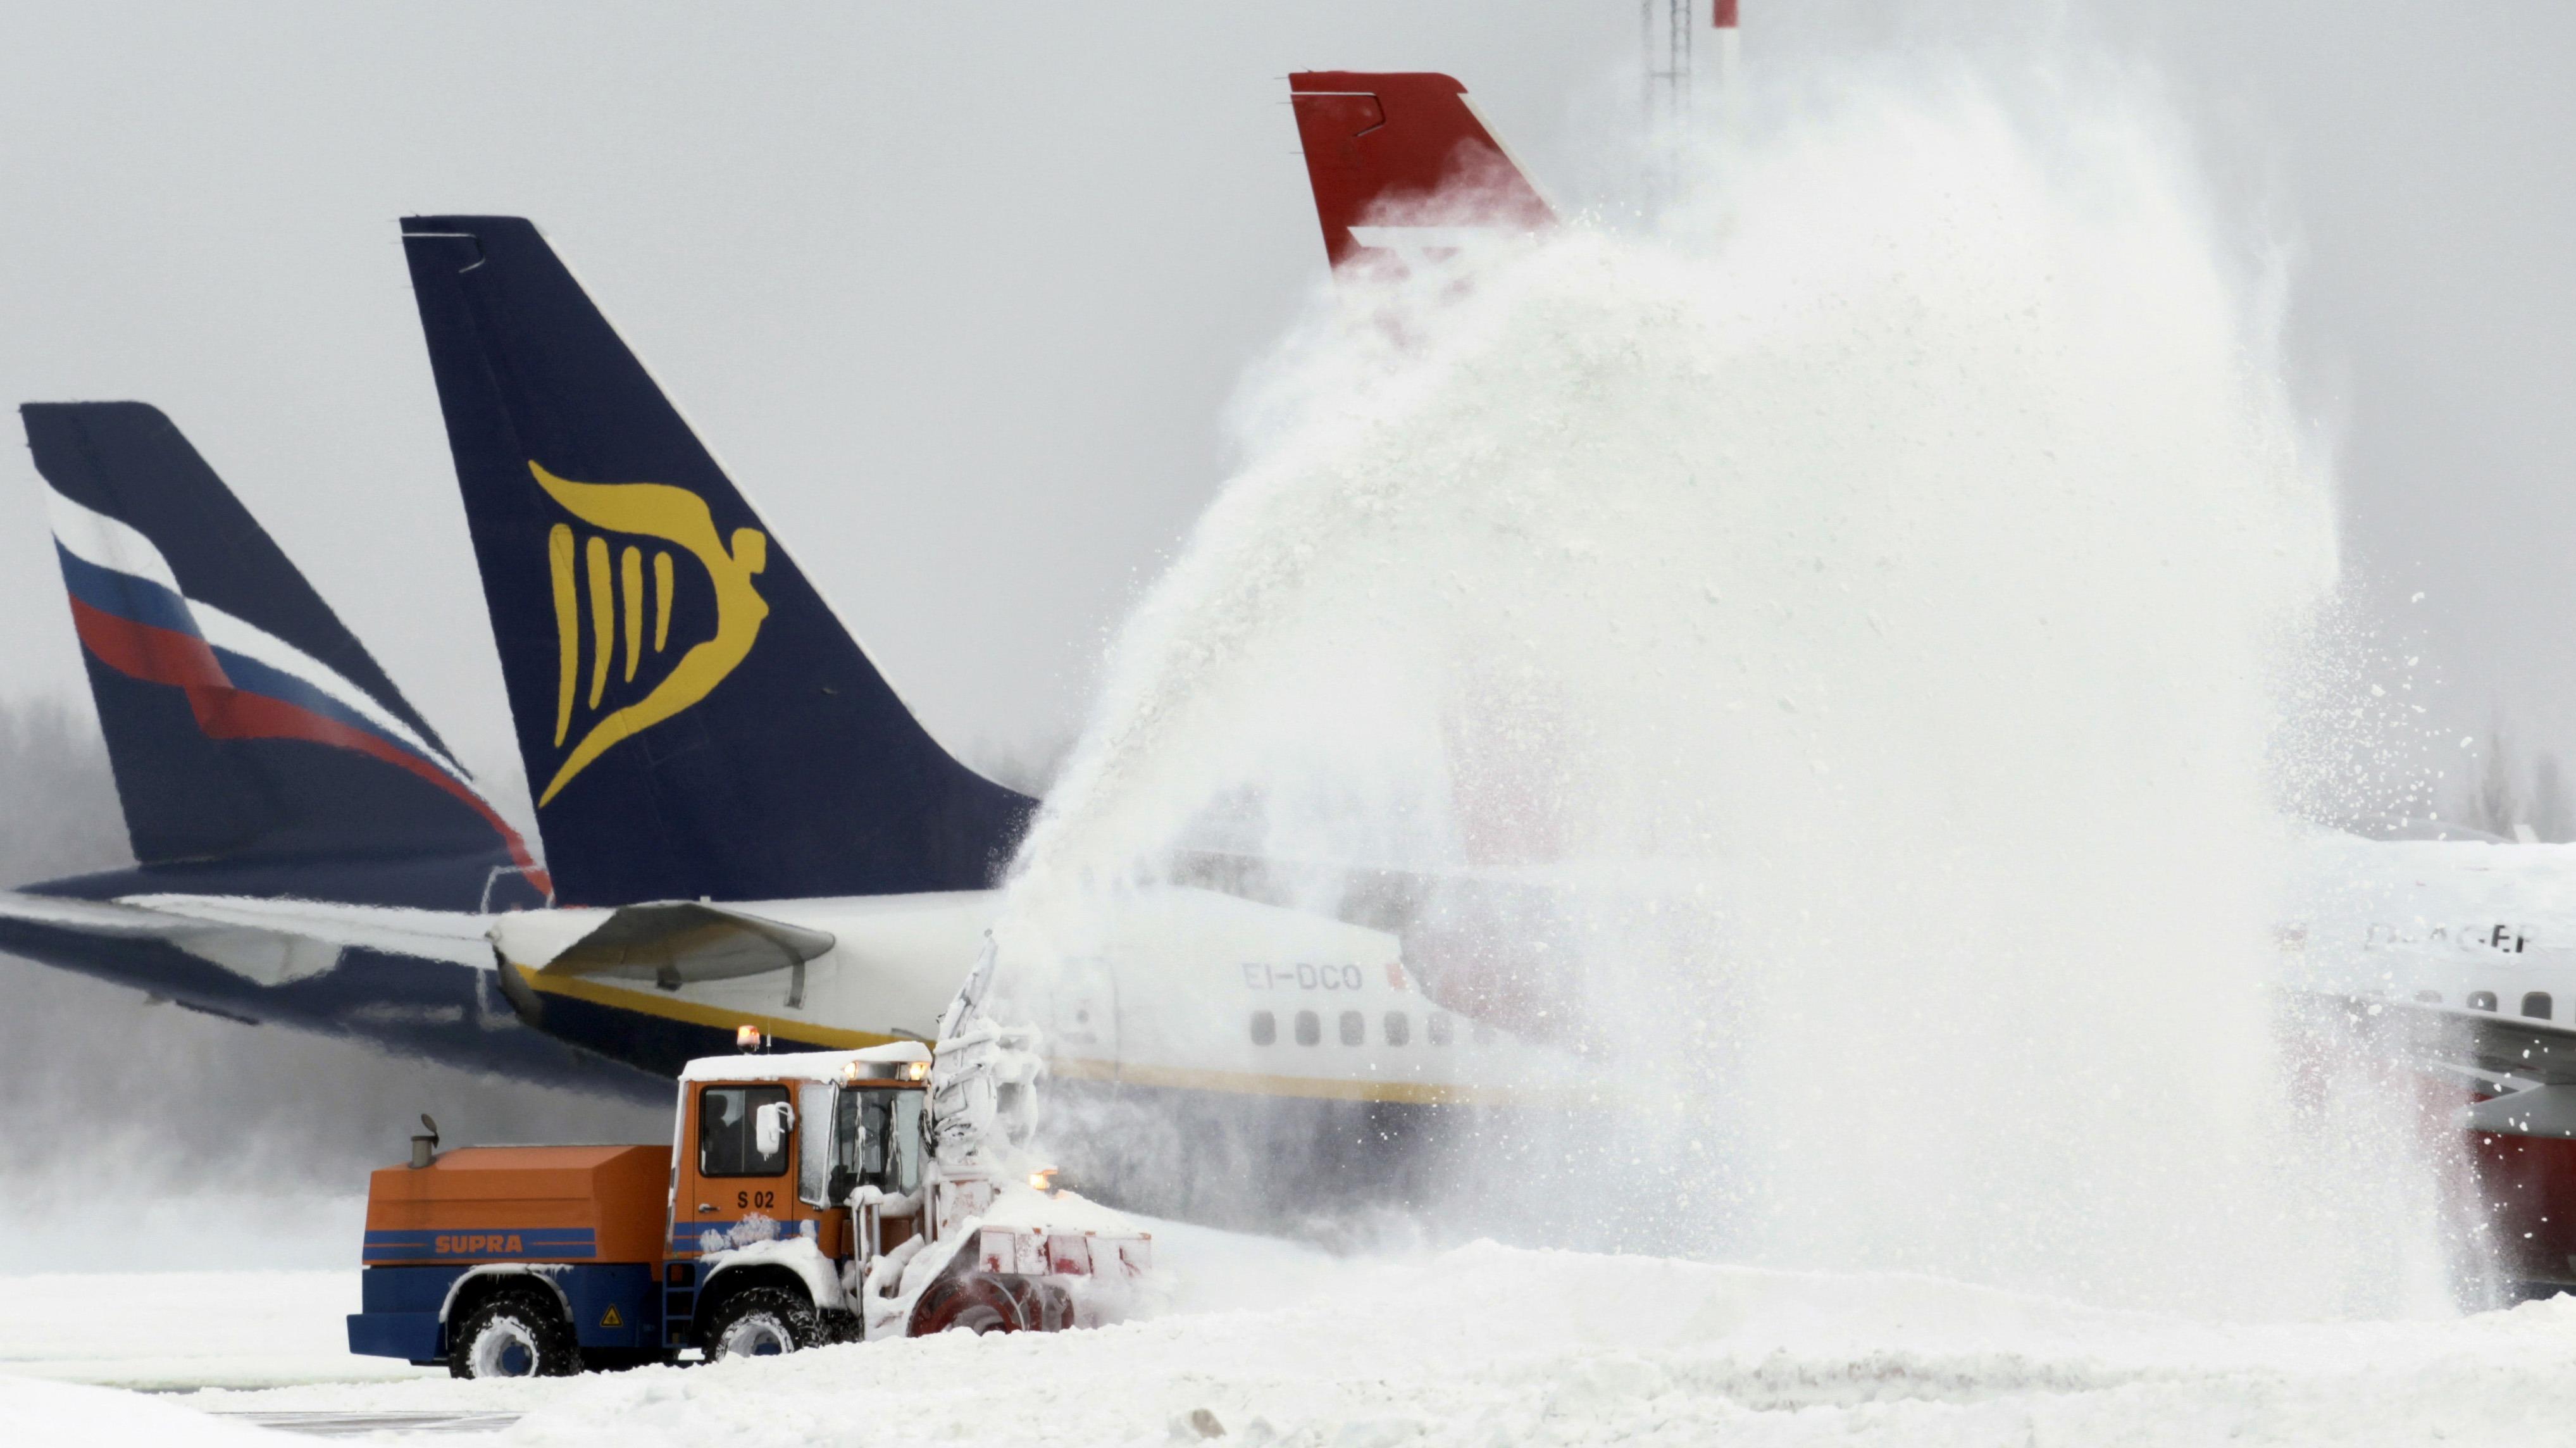 FOTOS: intensas nevadas vuelven a generar caos en aeropuertos y carreteras de Europa